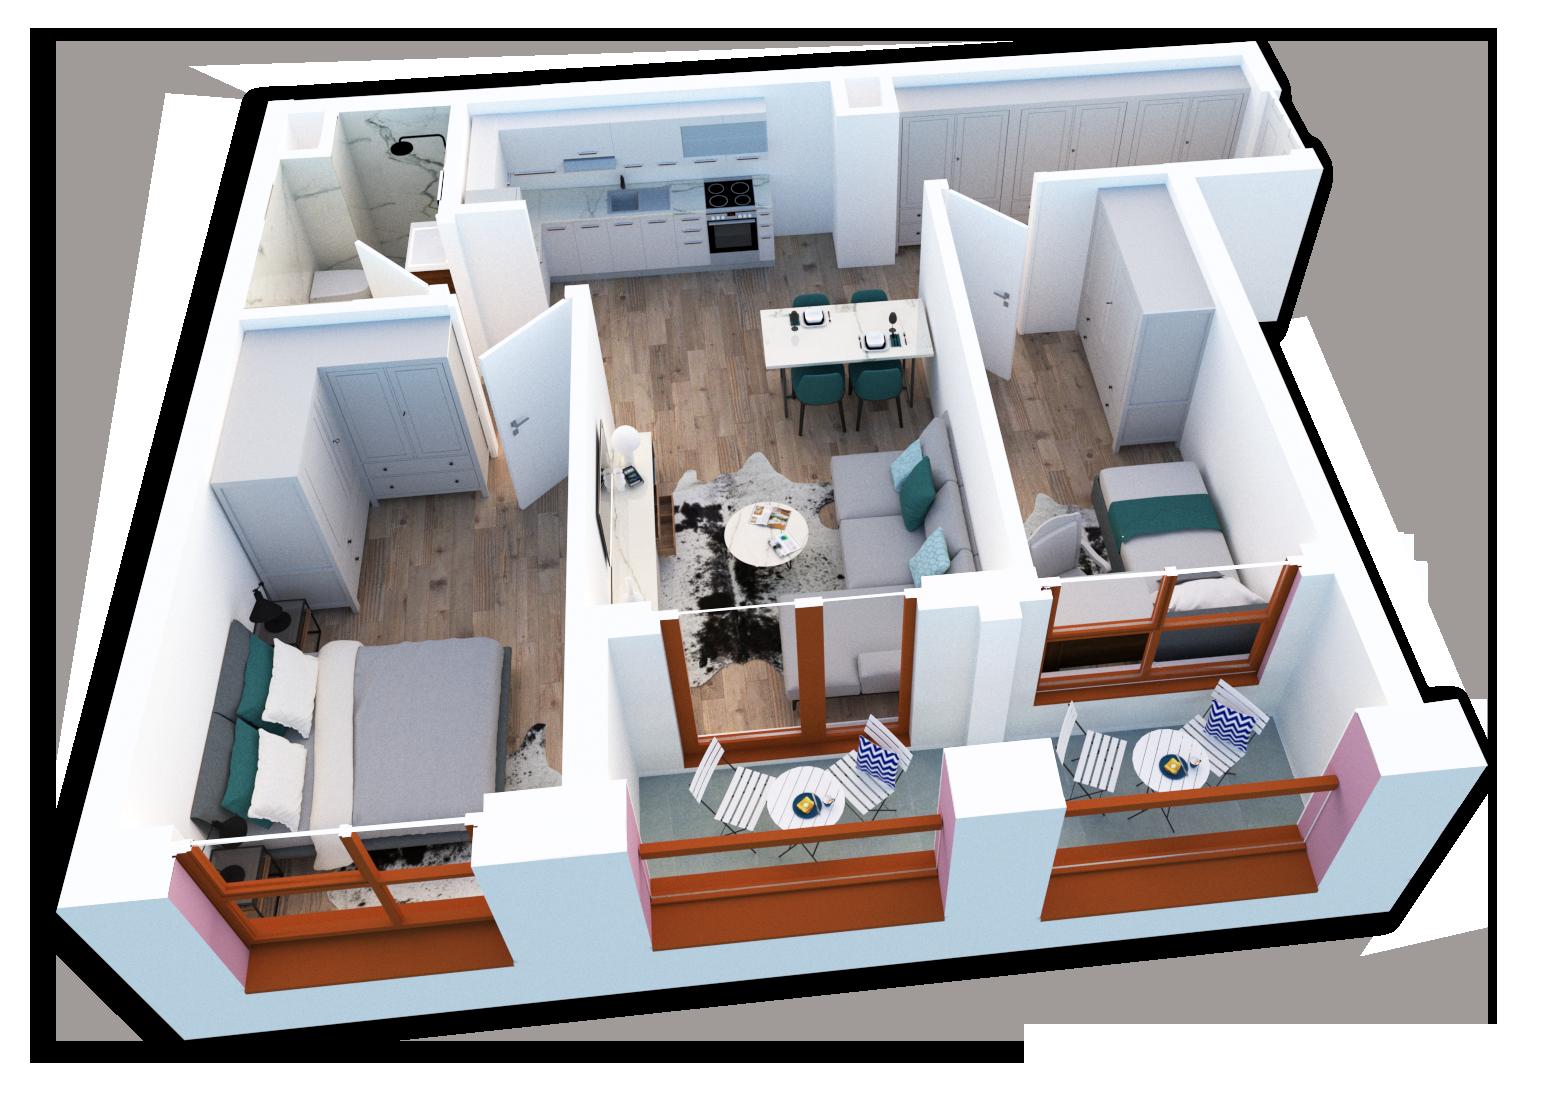 Apartament 2+1 në shitje në Tiranë - Mangalem 21 Shkalla 25 Kati 5